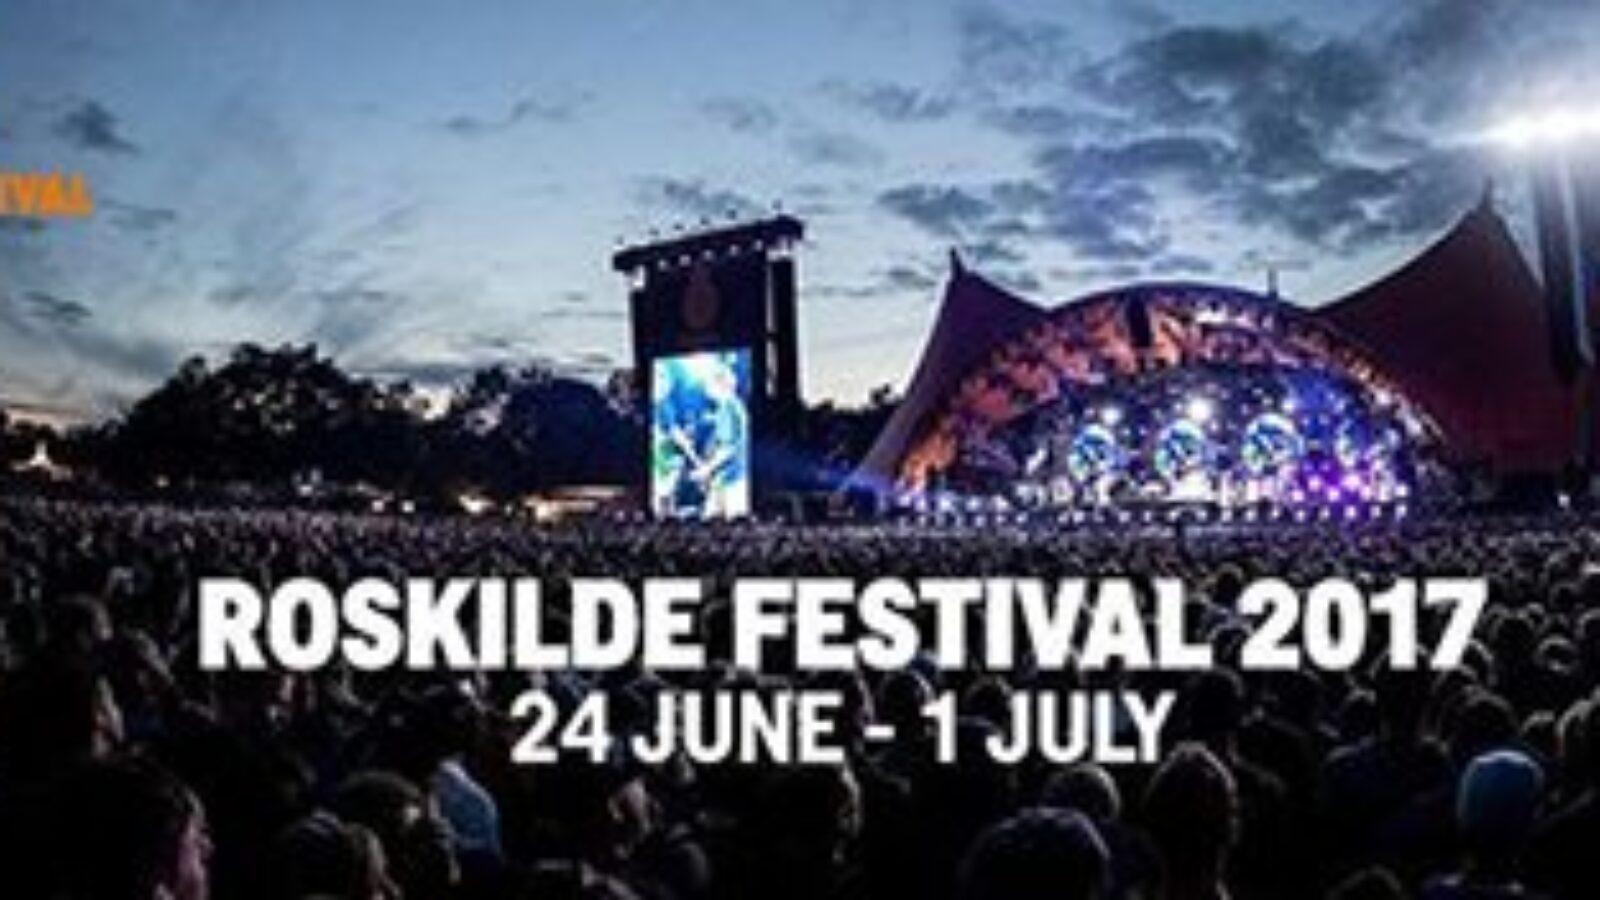 24.06.-01.07. Roskilde Festival